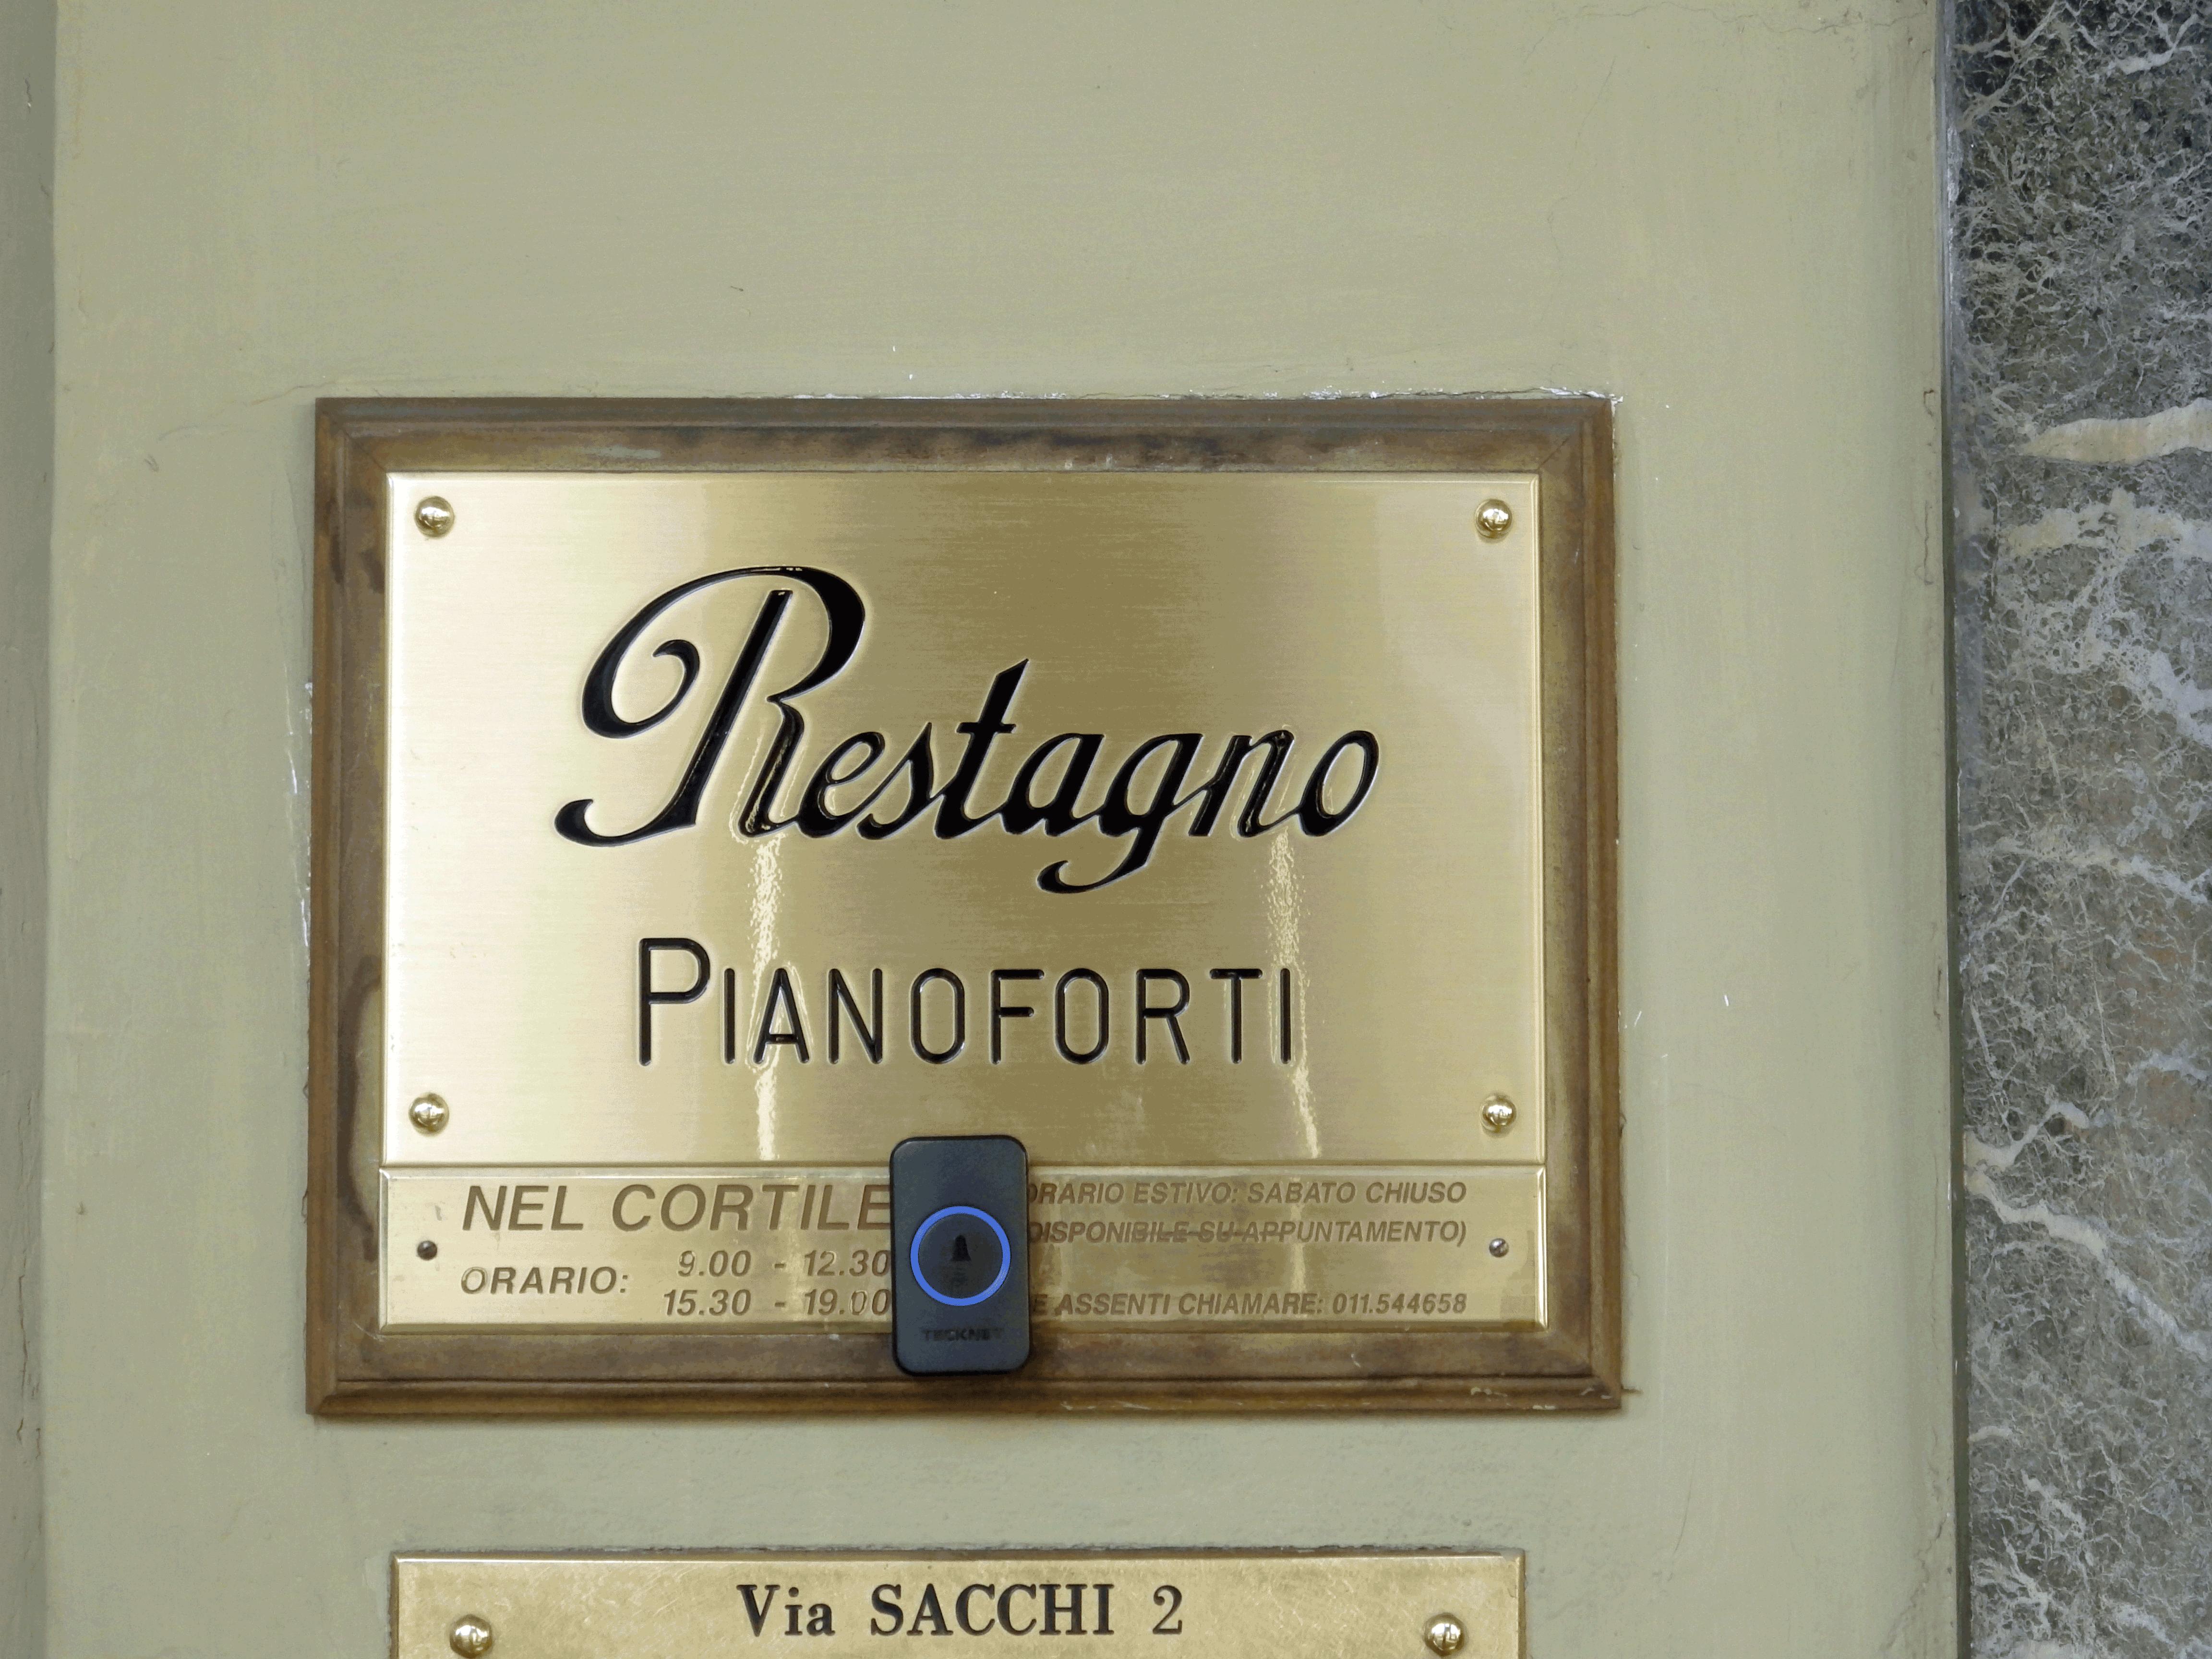 Restagno Pianoforti Via sacchi 2